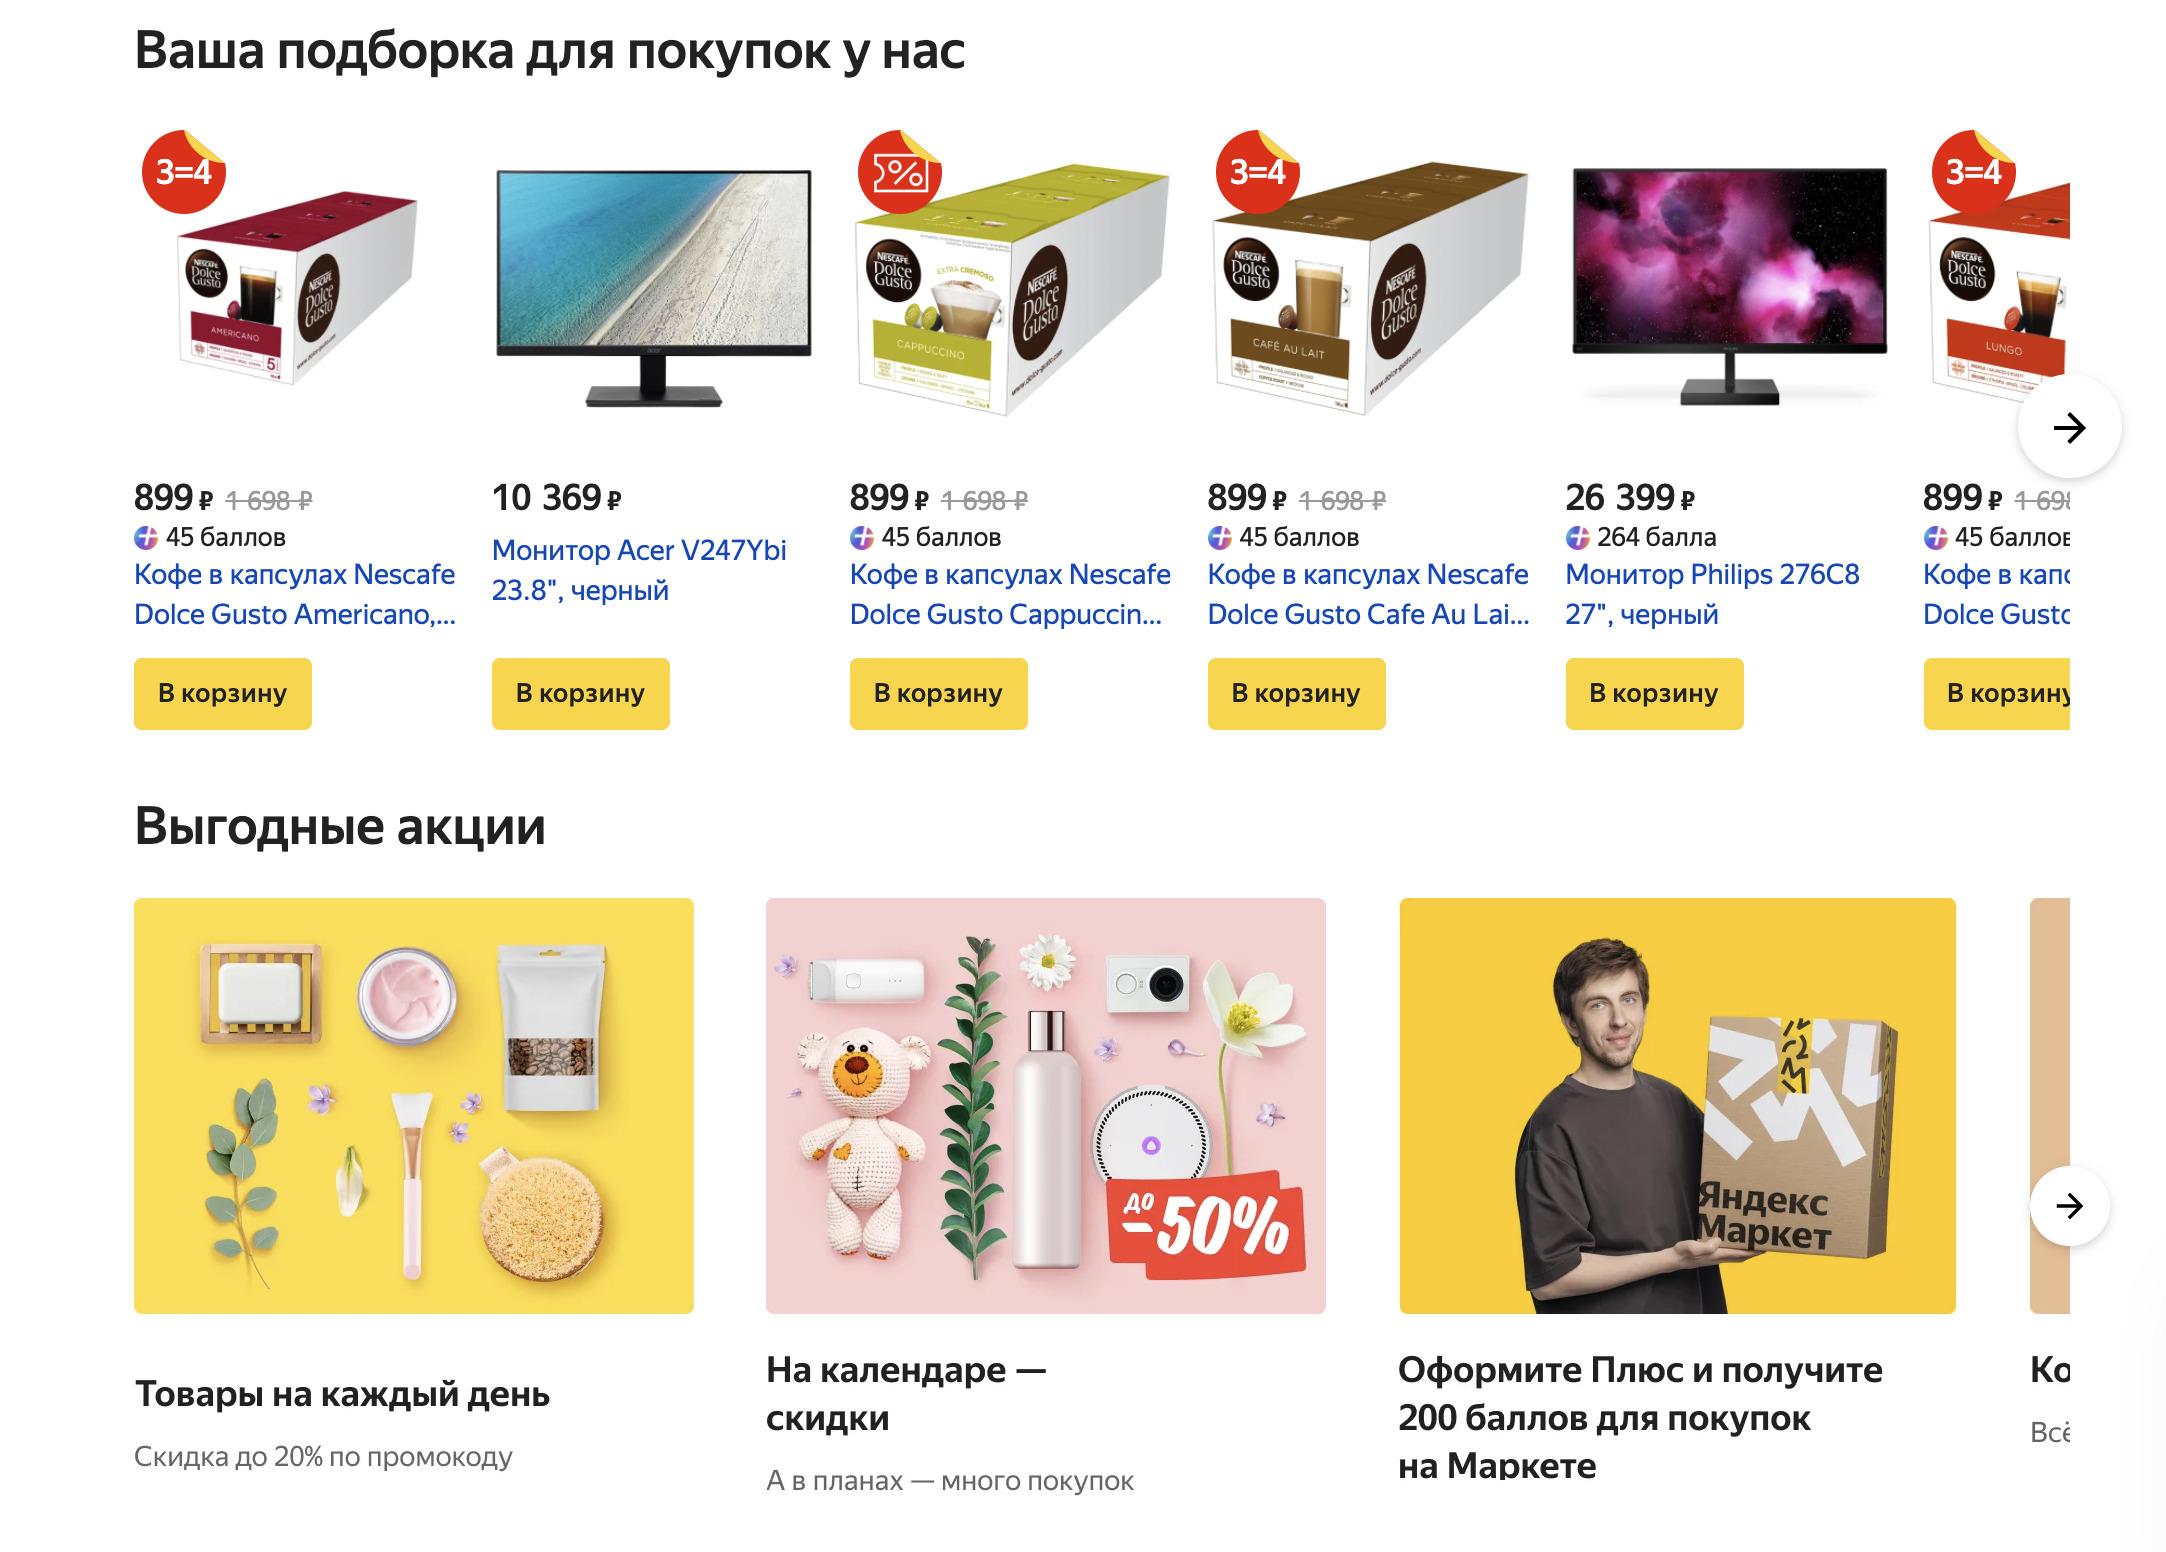 Доставка из Яндекс.Маркет в Черногорск, сроки, пункты выдачи, каталог